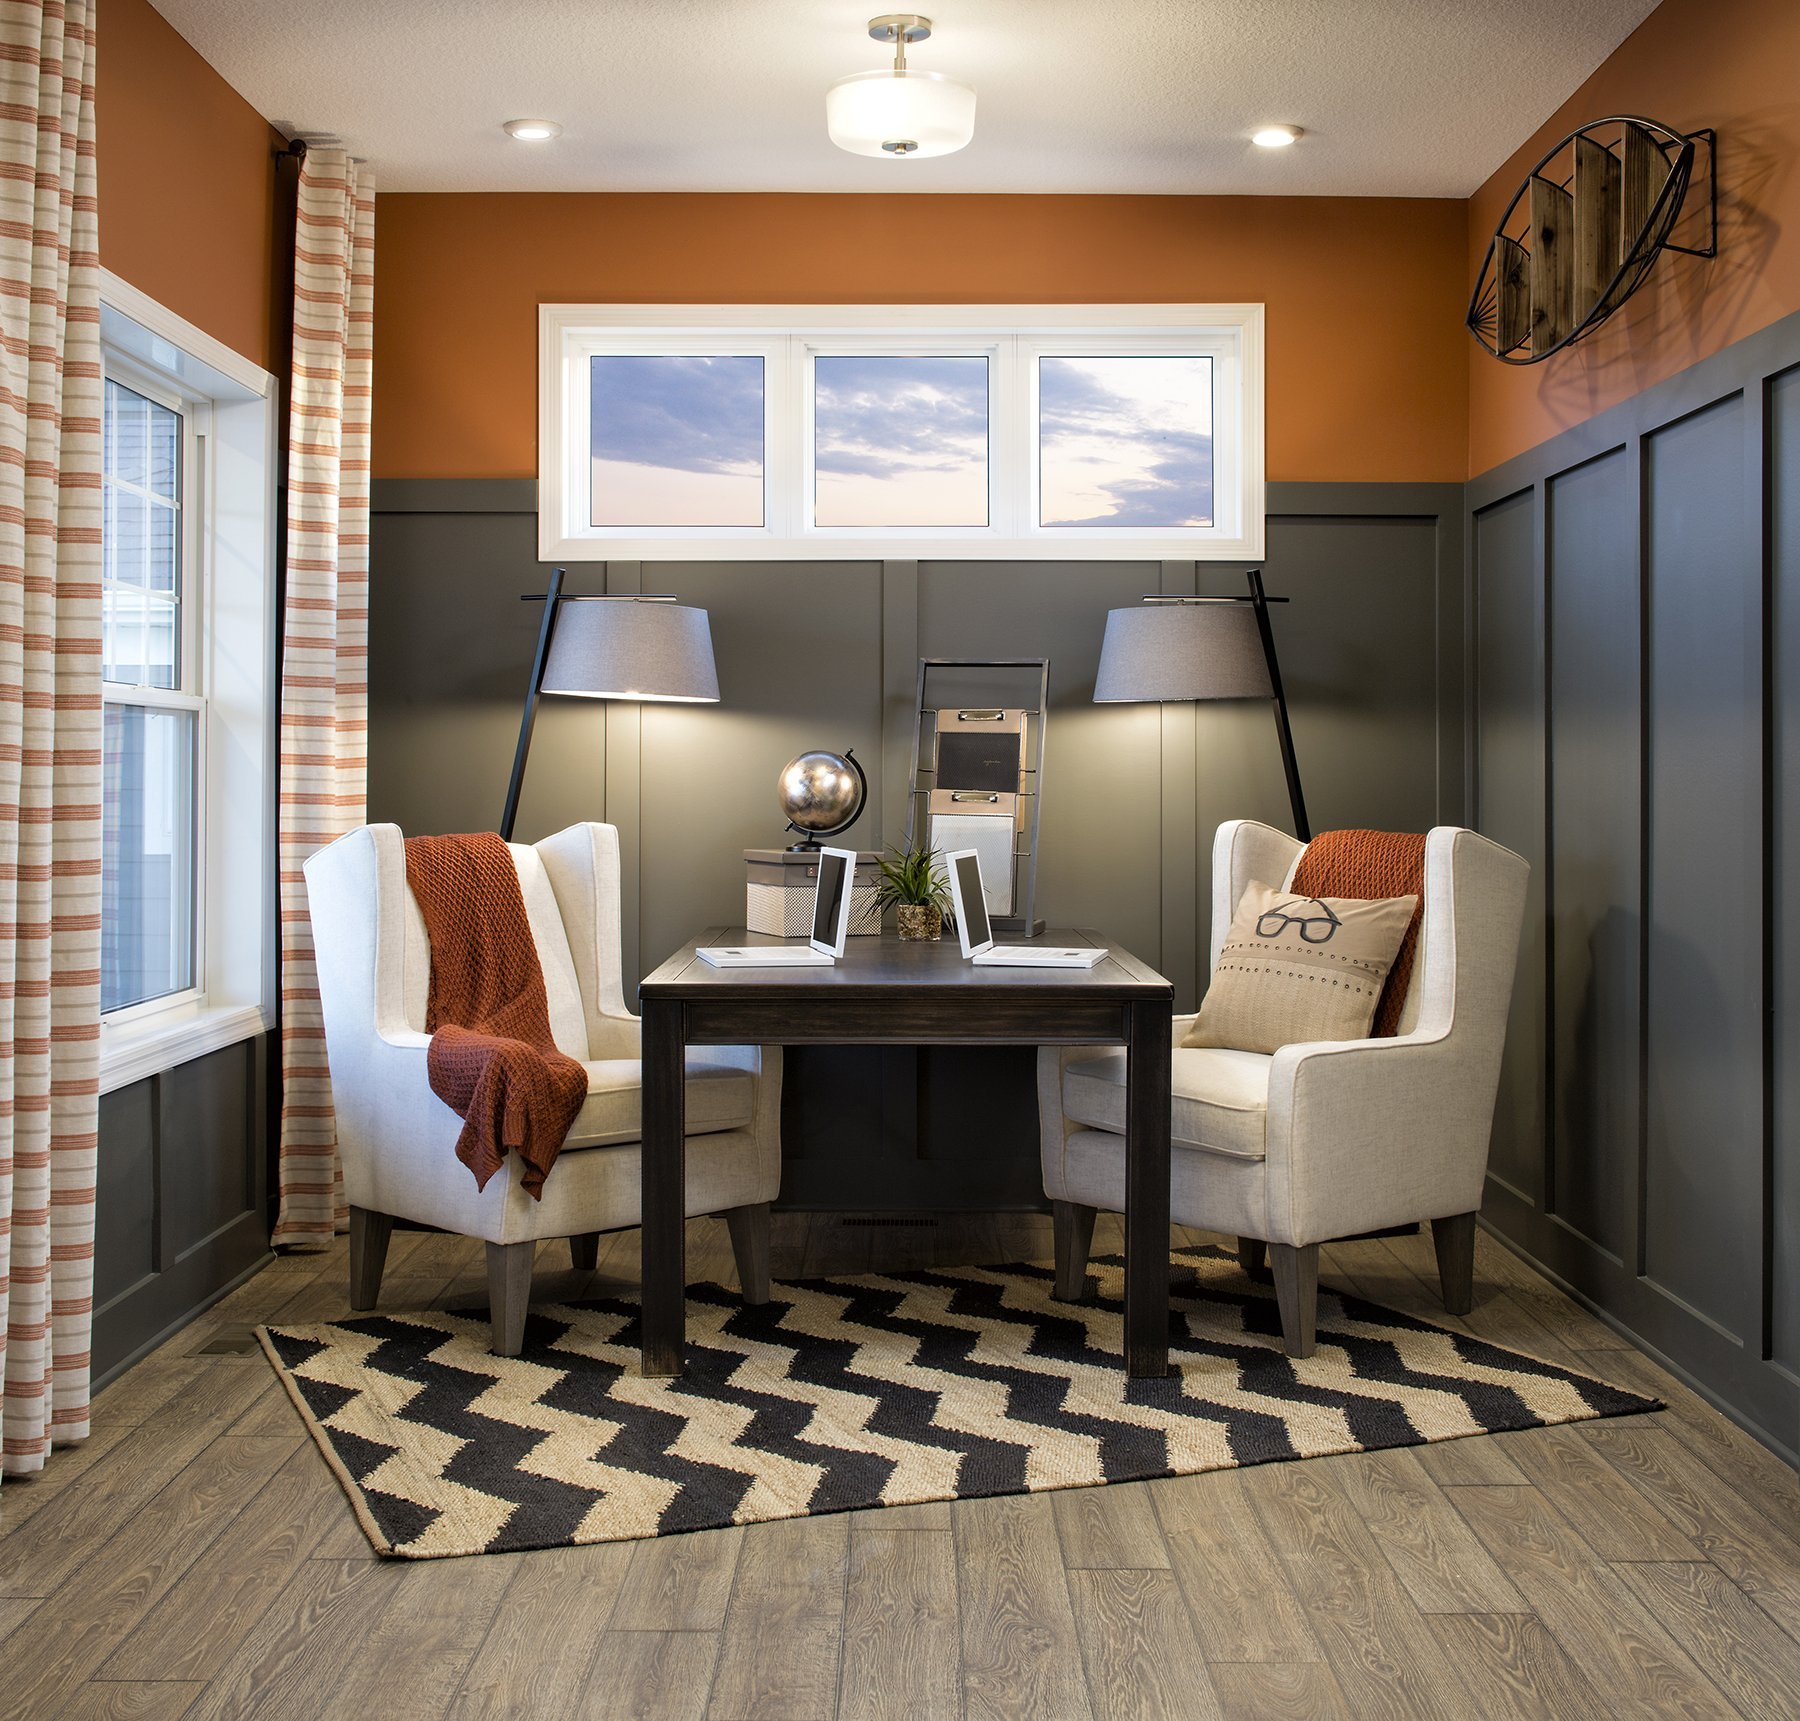 Model Home Interior Design: Model Home Interior Design Firm